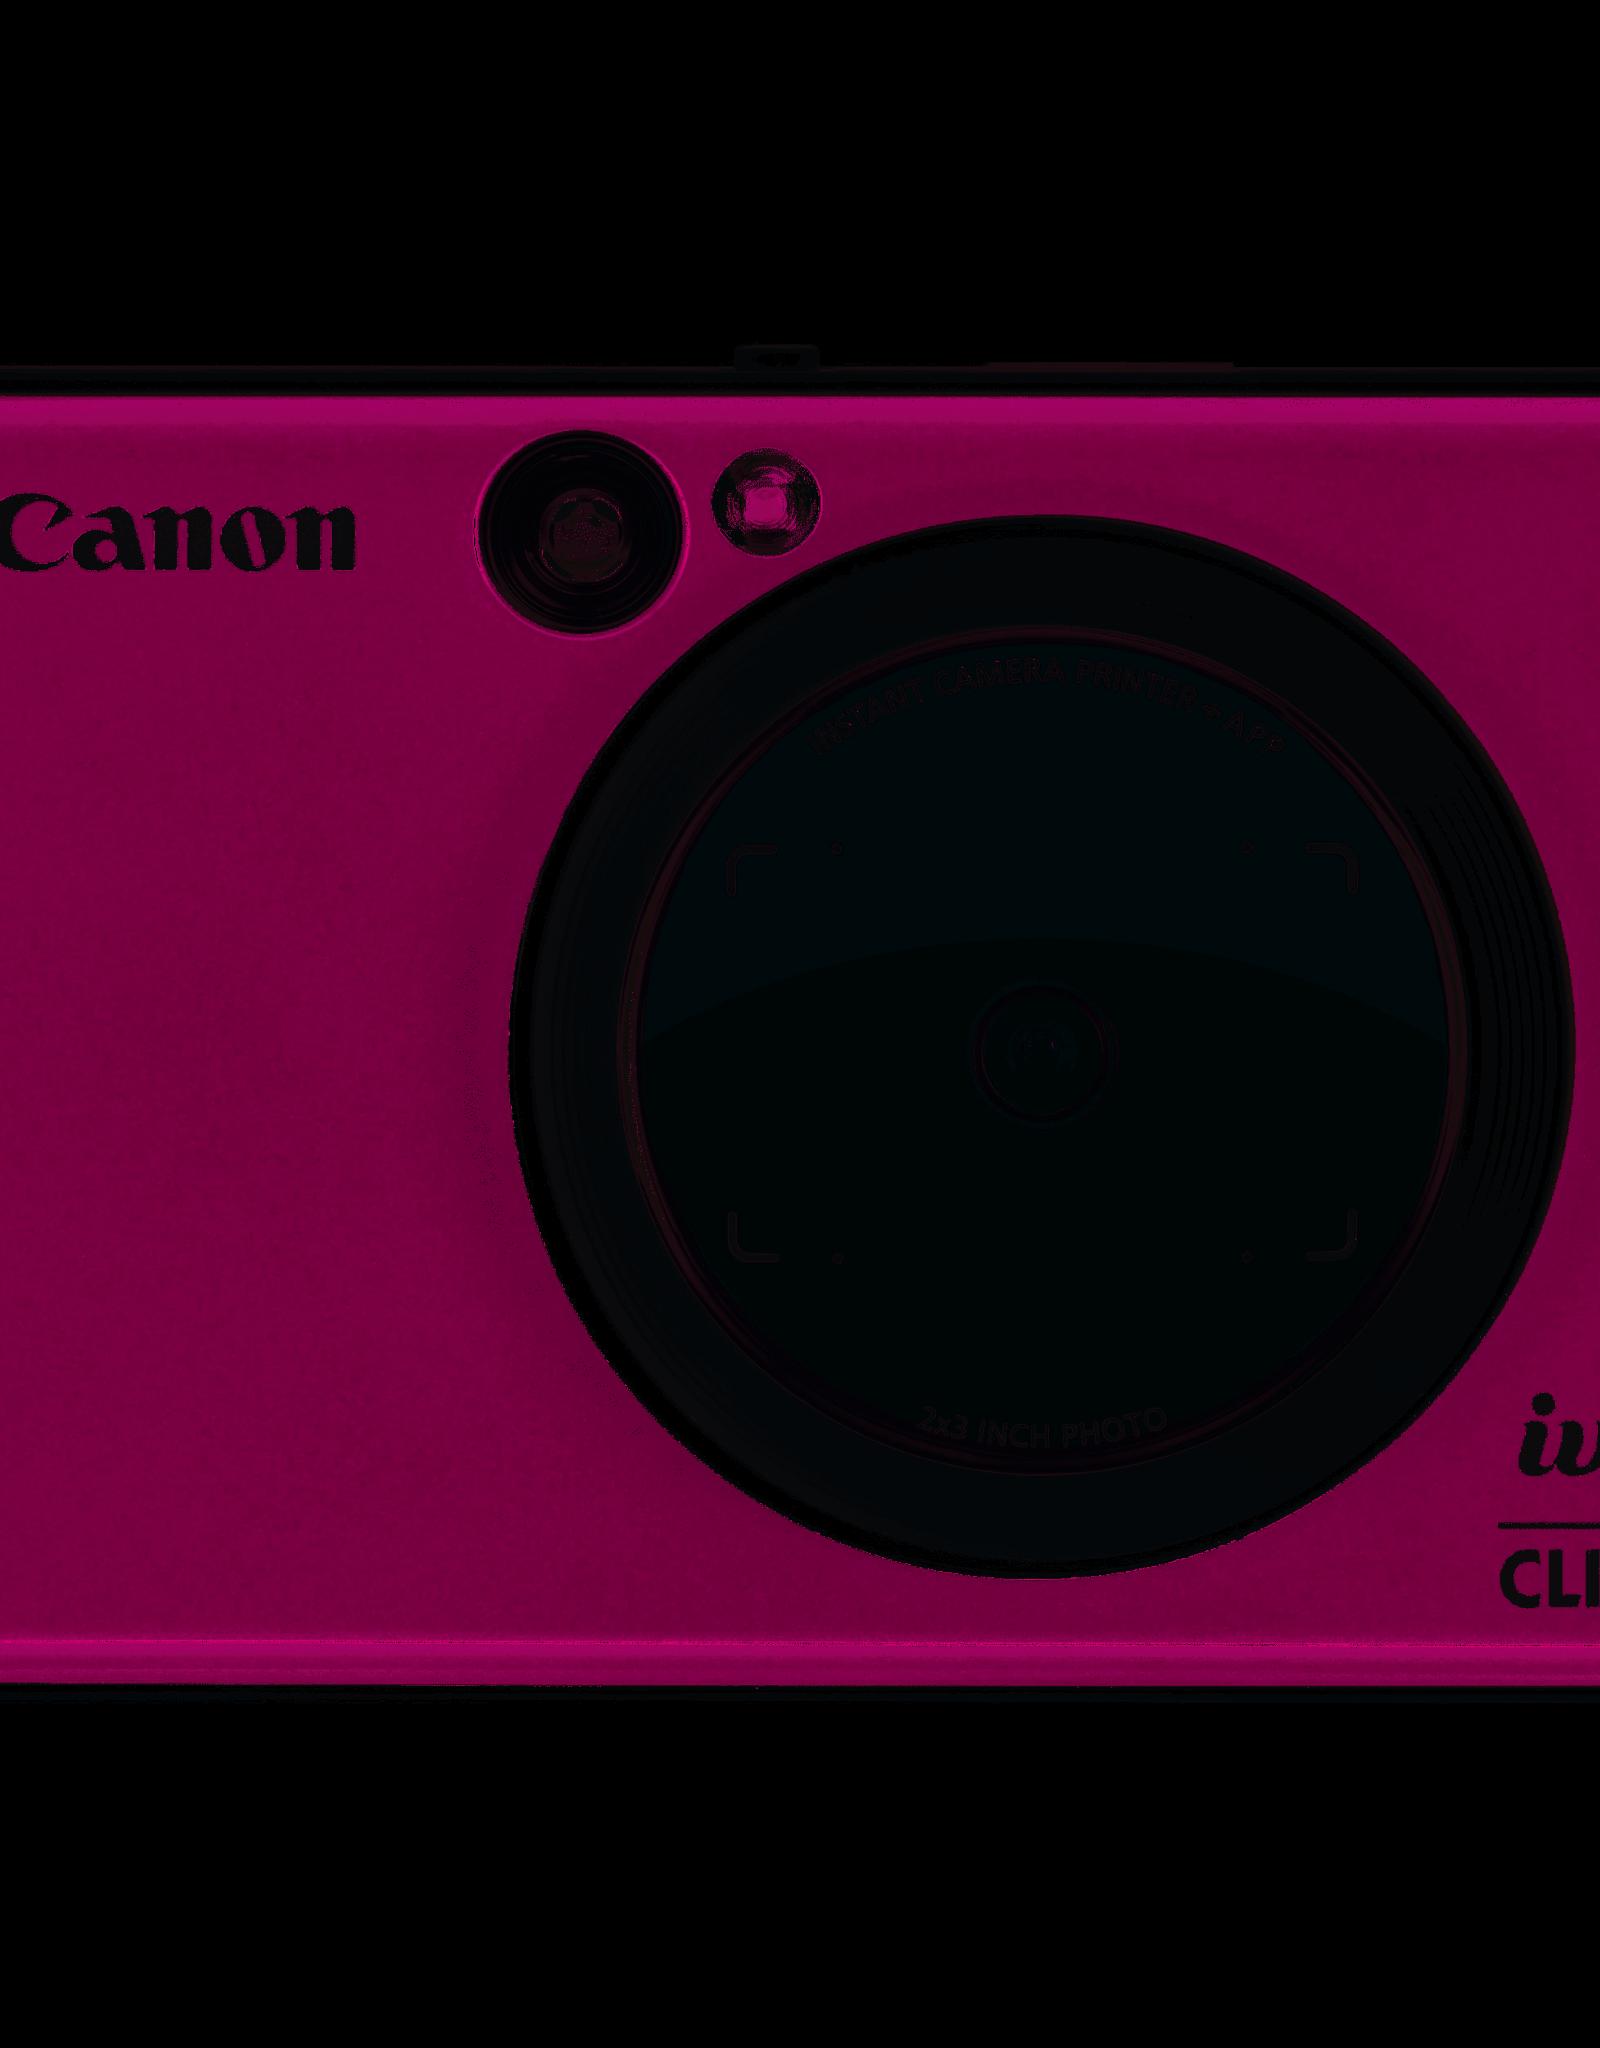 CANON Canon IVY CLIQ+ Instant Camera Printer Ruby Red) New